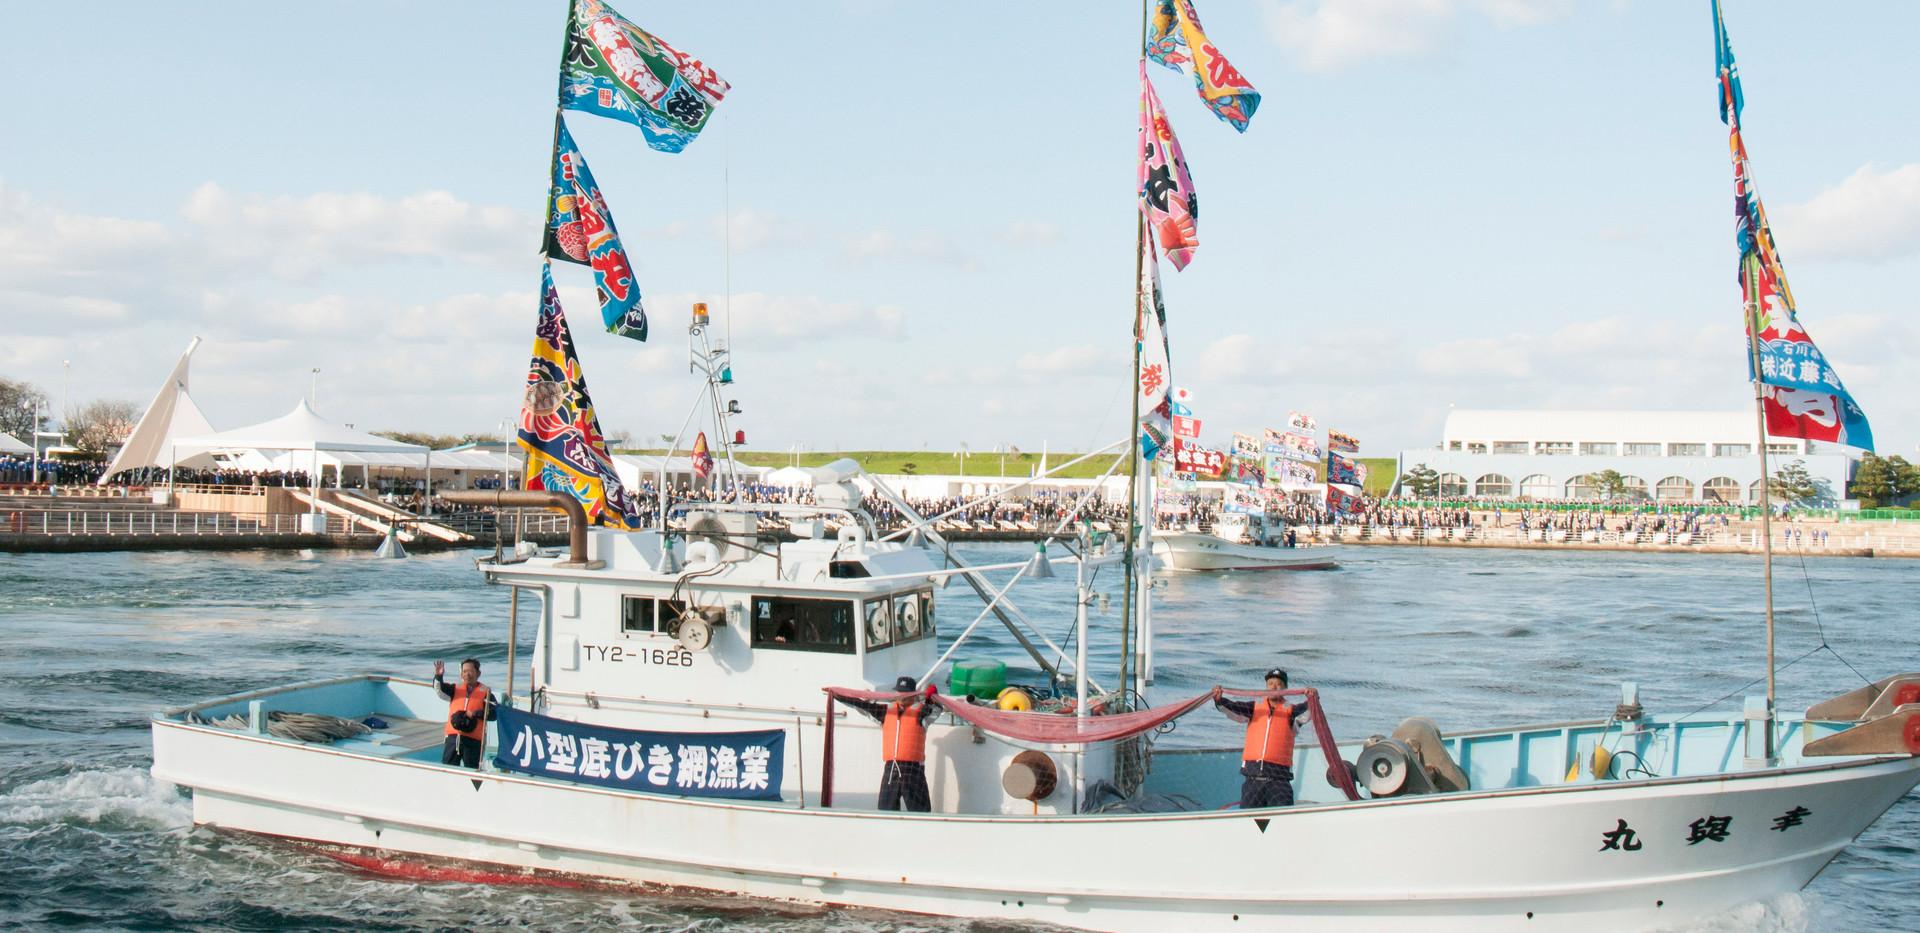 第35回全国豊かな海づくり大会